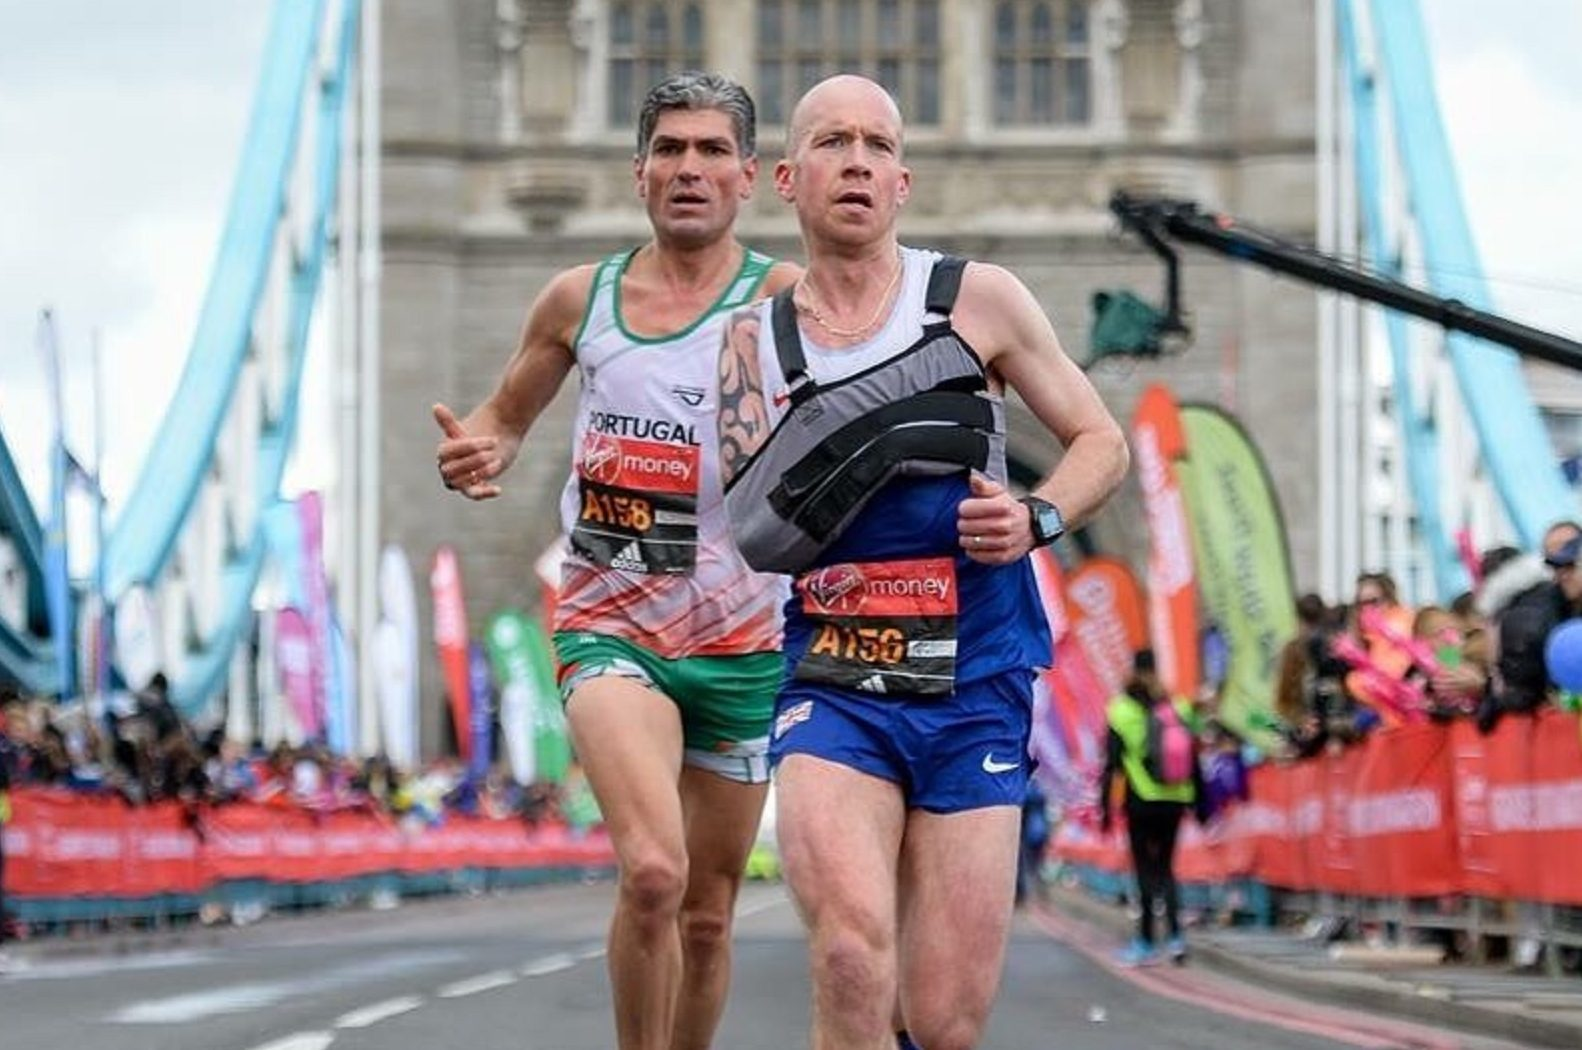 Derek Rae in action in the London Marathon.